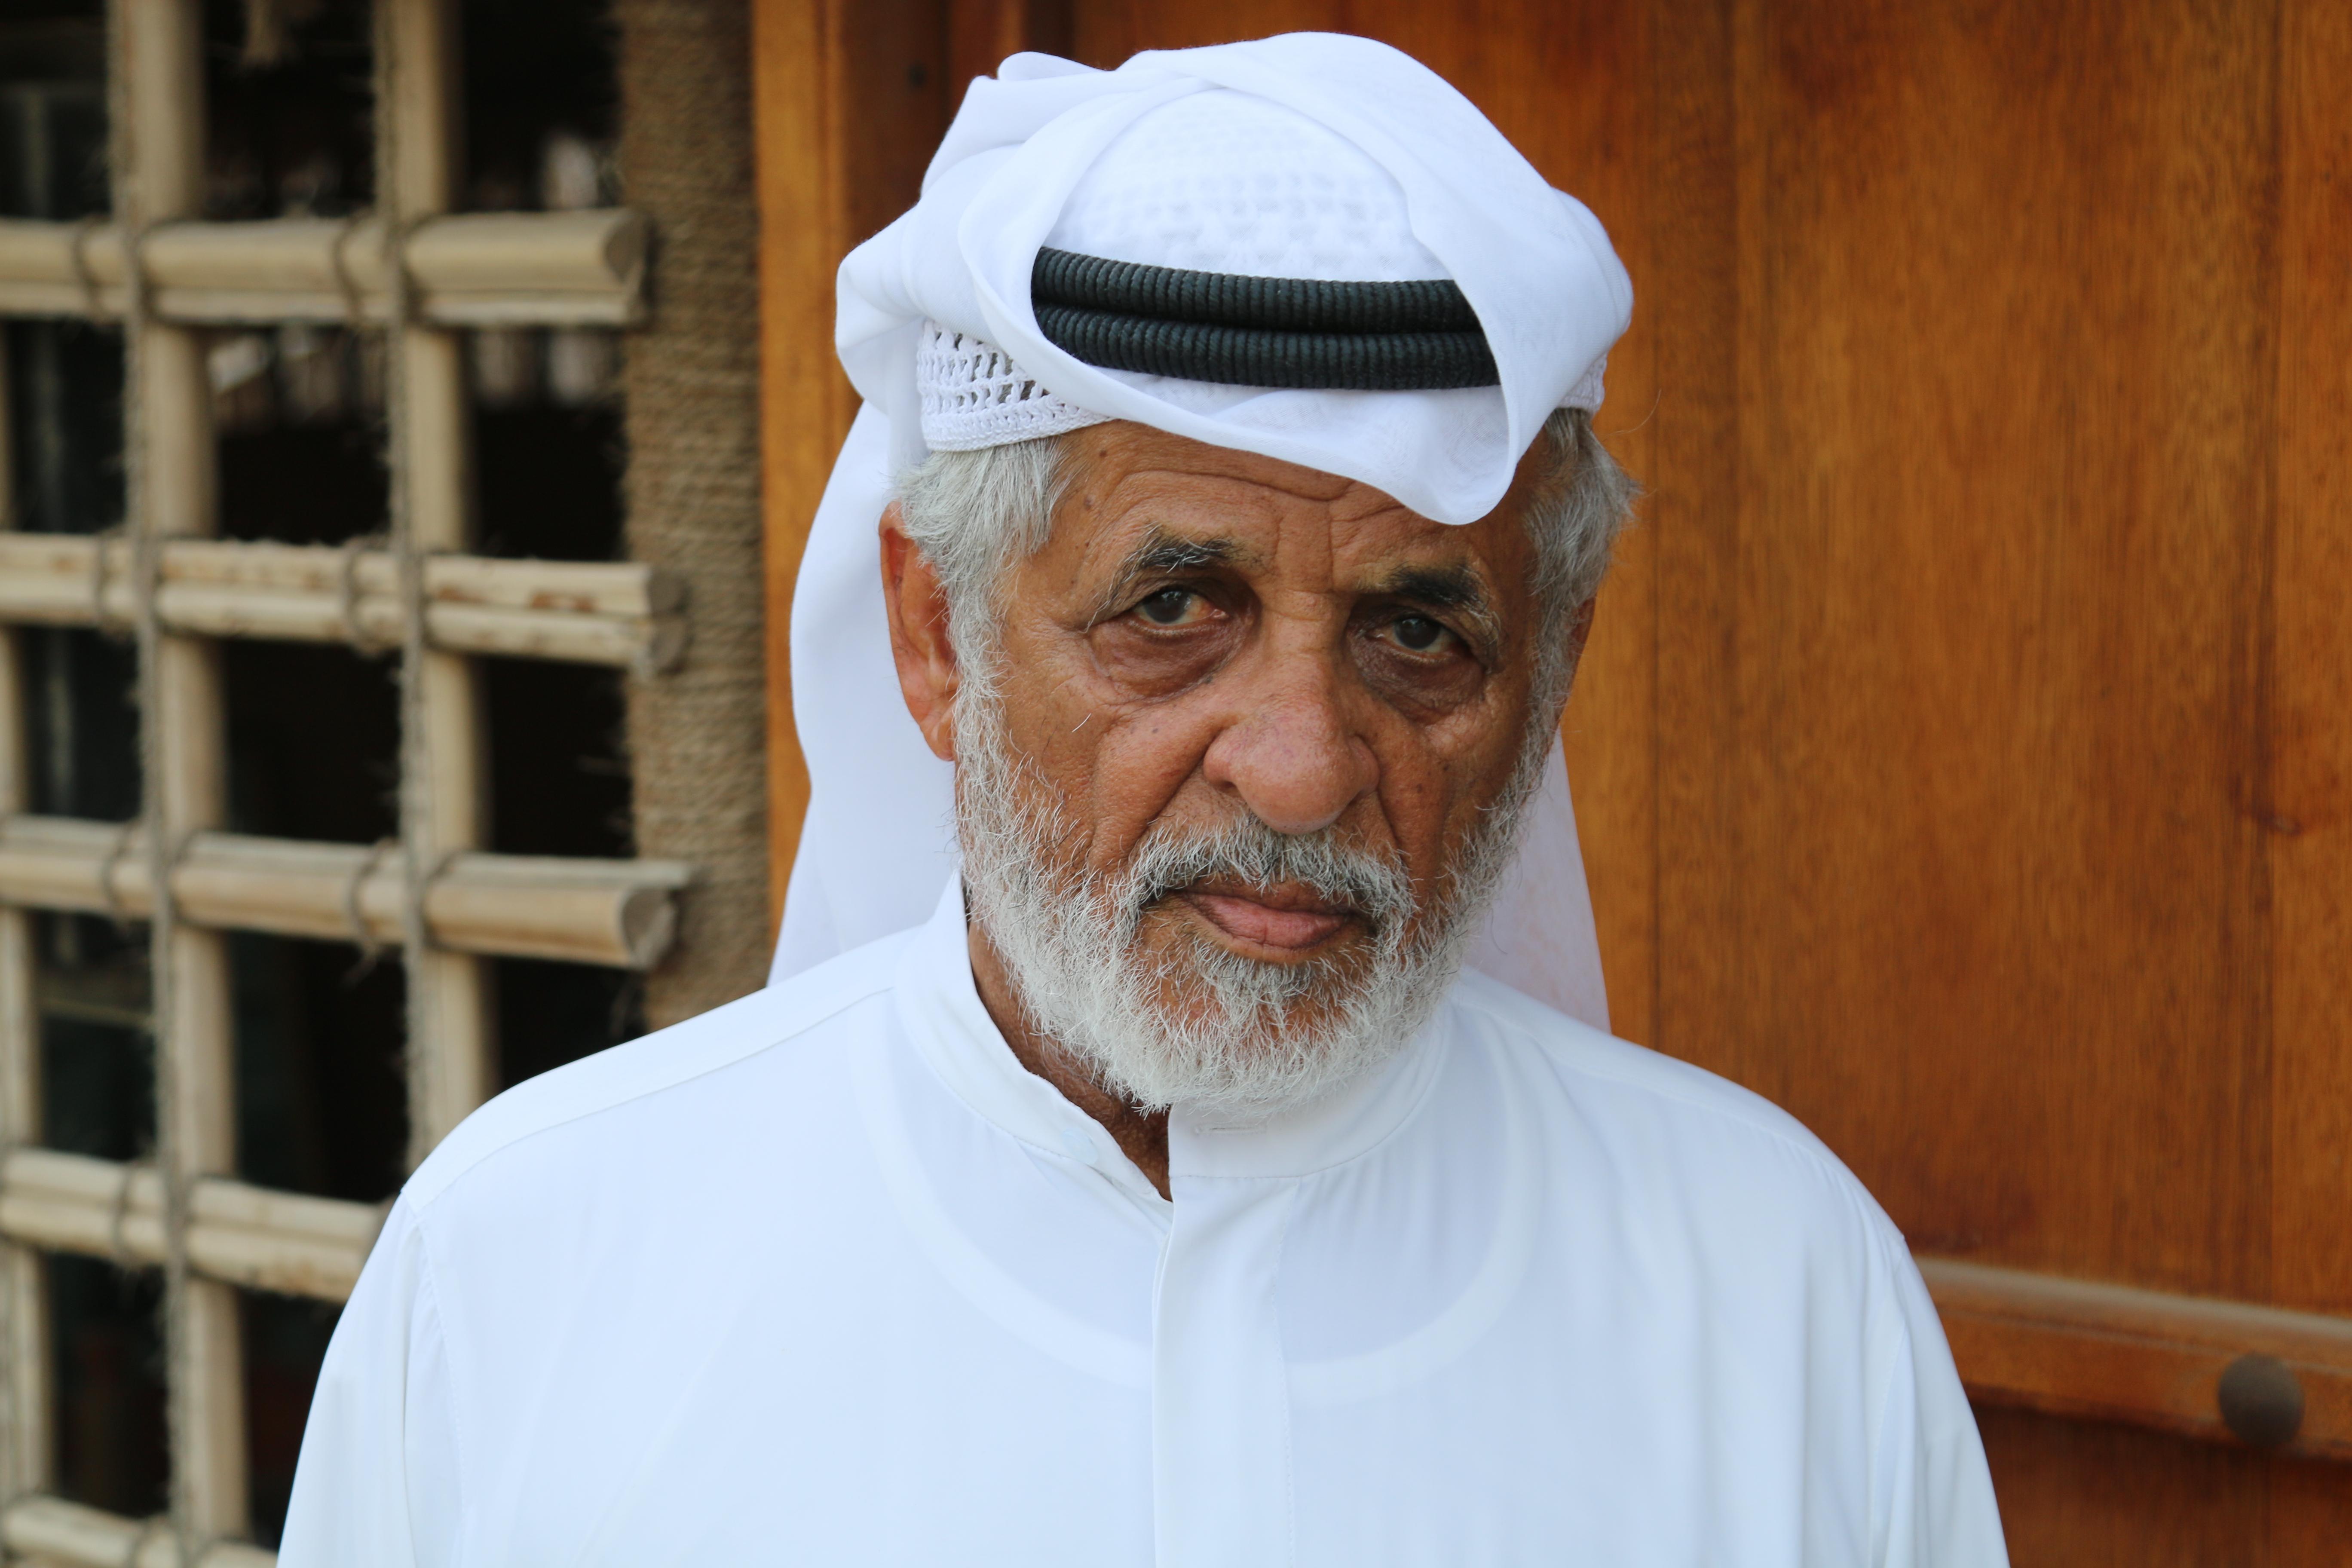 المواطن عبد الله سليمان: الحفاظ على التراث مهمة كل مواطن